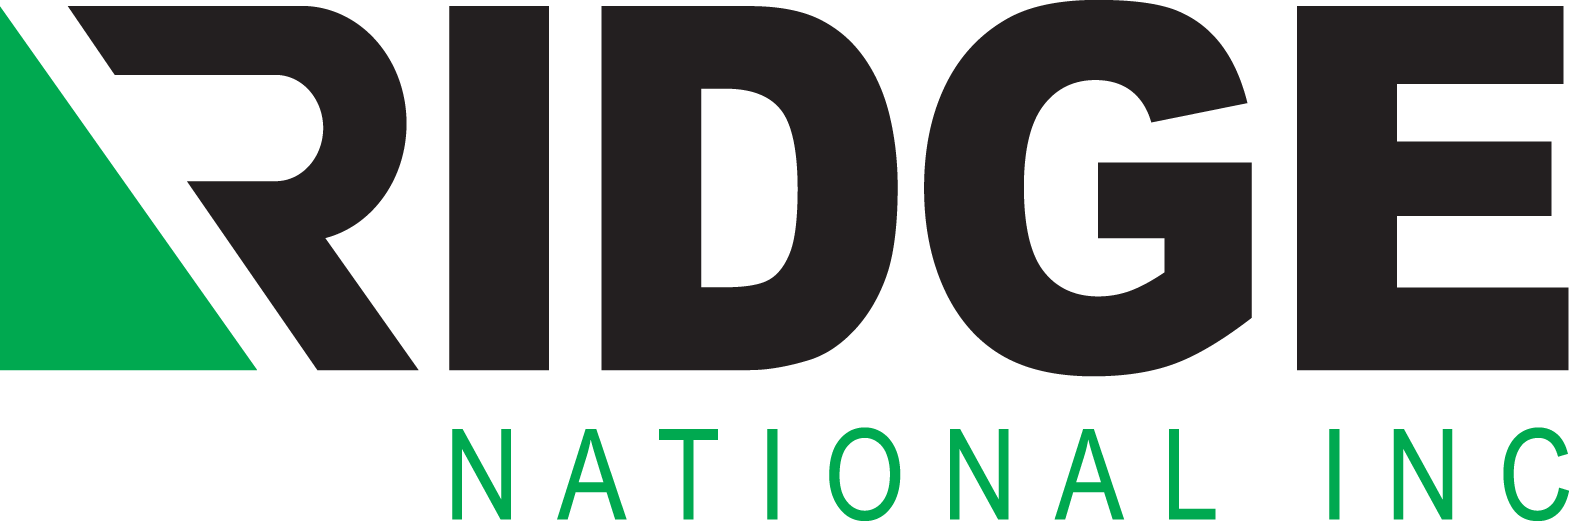 Ridge National logo